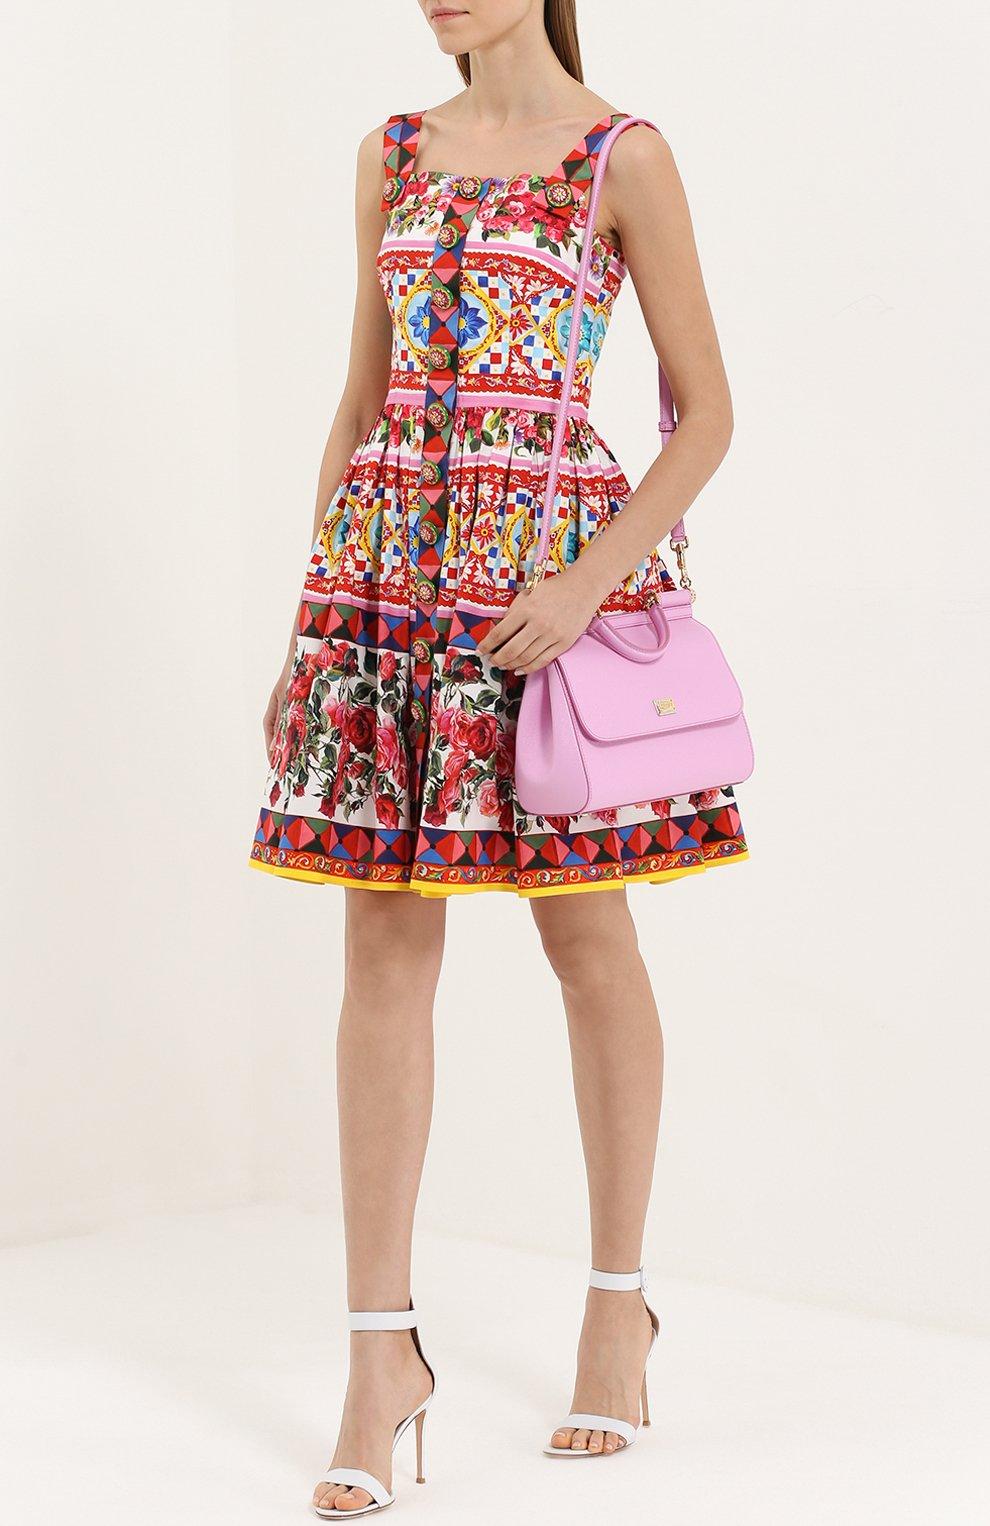 Мини-сарафан с пышной юбкой и ярким принтом Dolce & Gabbana разноцветное | Фото №2